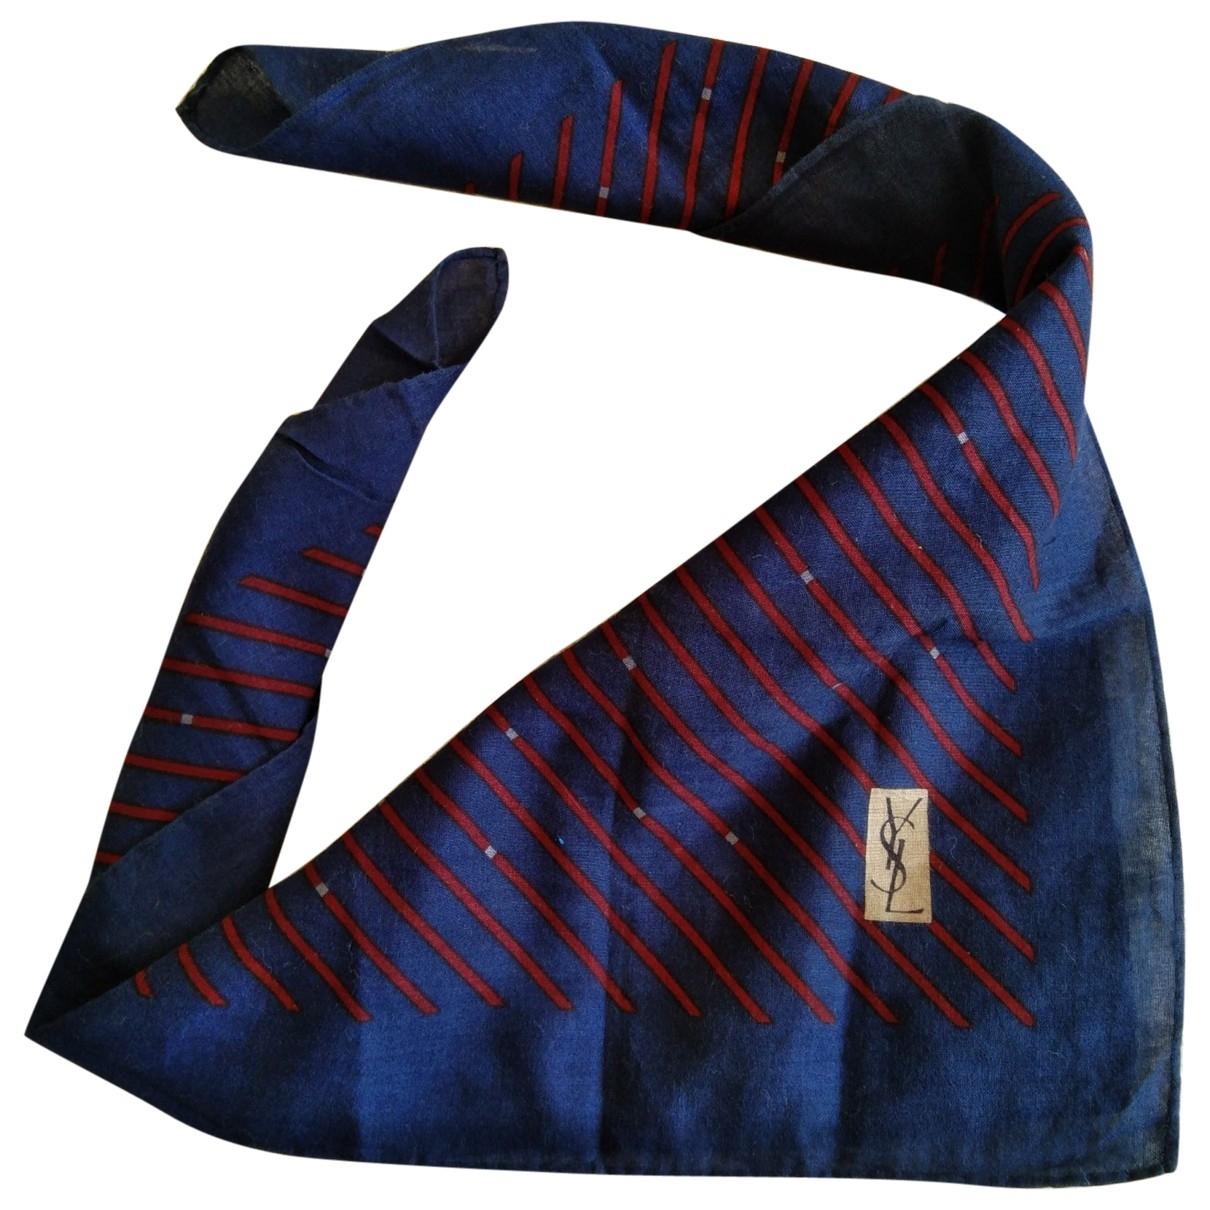 Yves Saint Laurent - Accessoires   pour lifestyle en autre - bleu